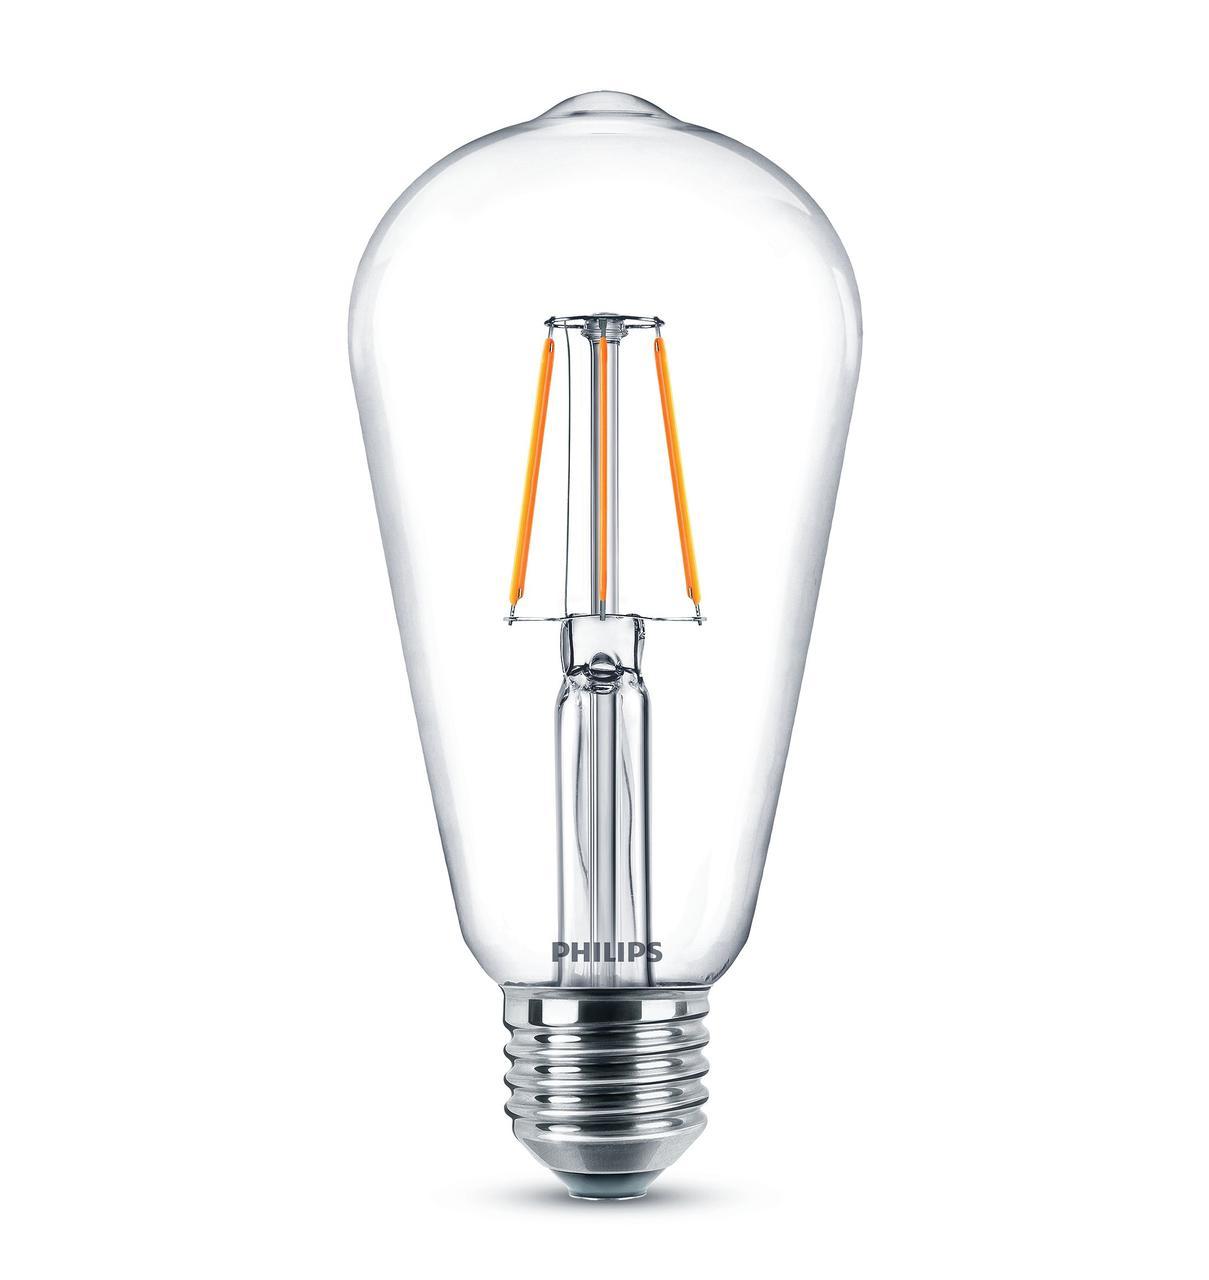 929001975008/871869962315900 Лампа LED Classic 6-60W ST64 E27 830 CLND